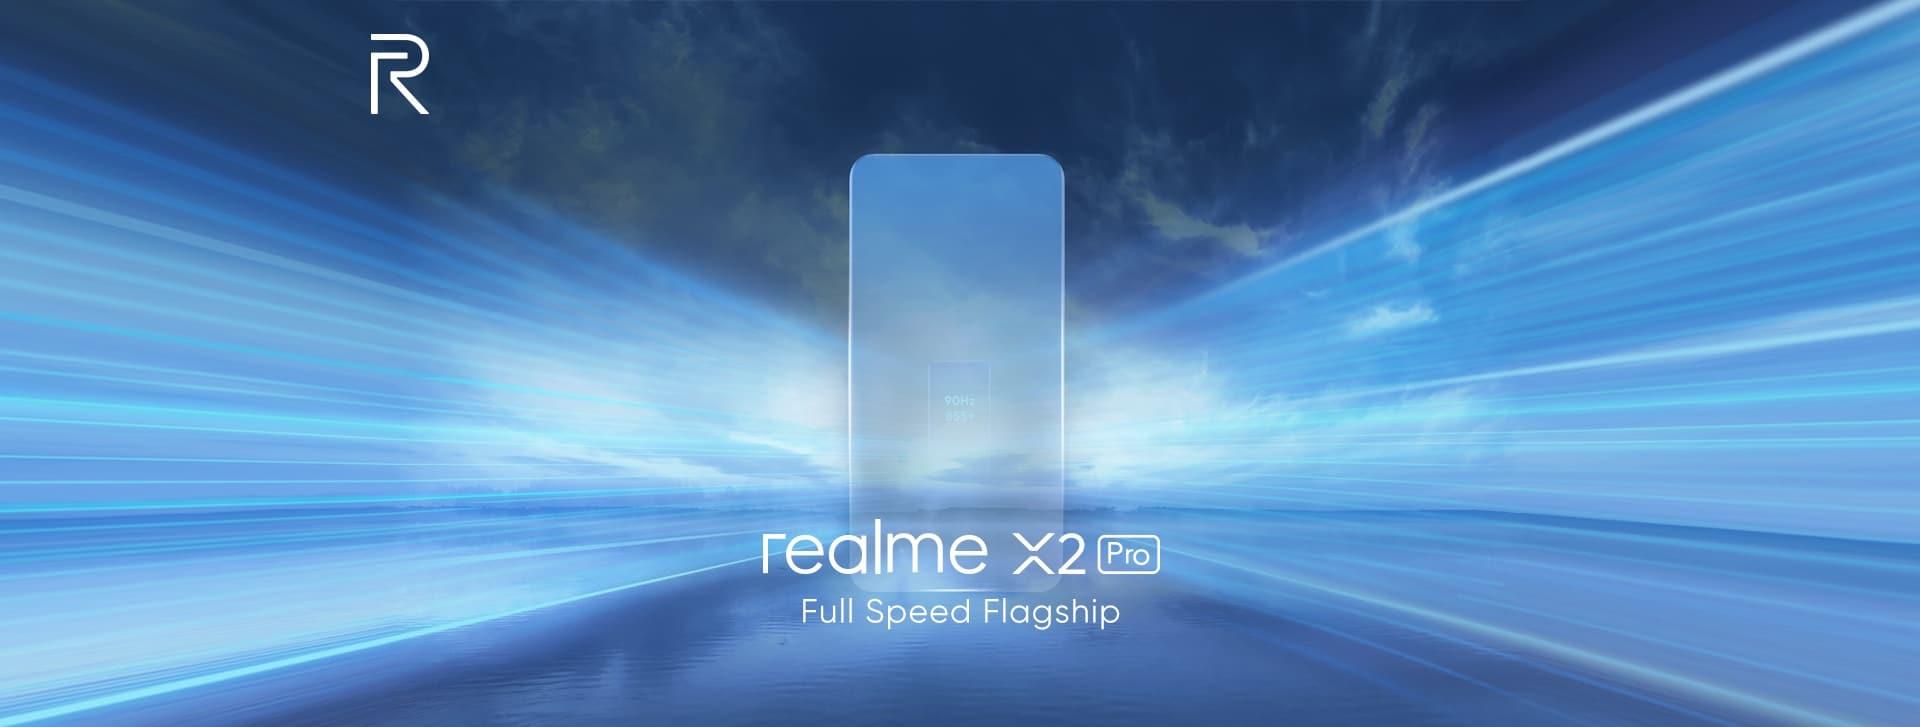 Tease du Realme X2 Pro par la marque